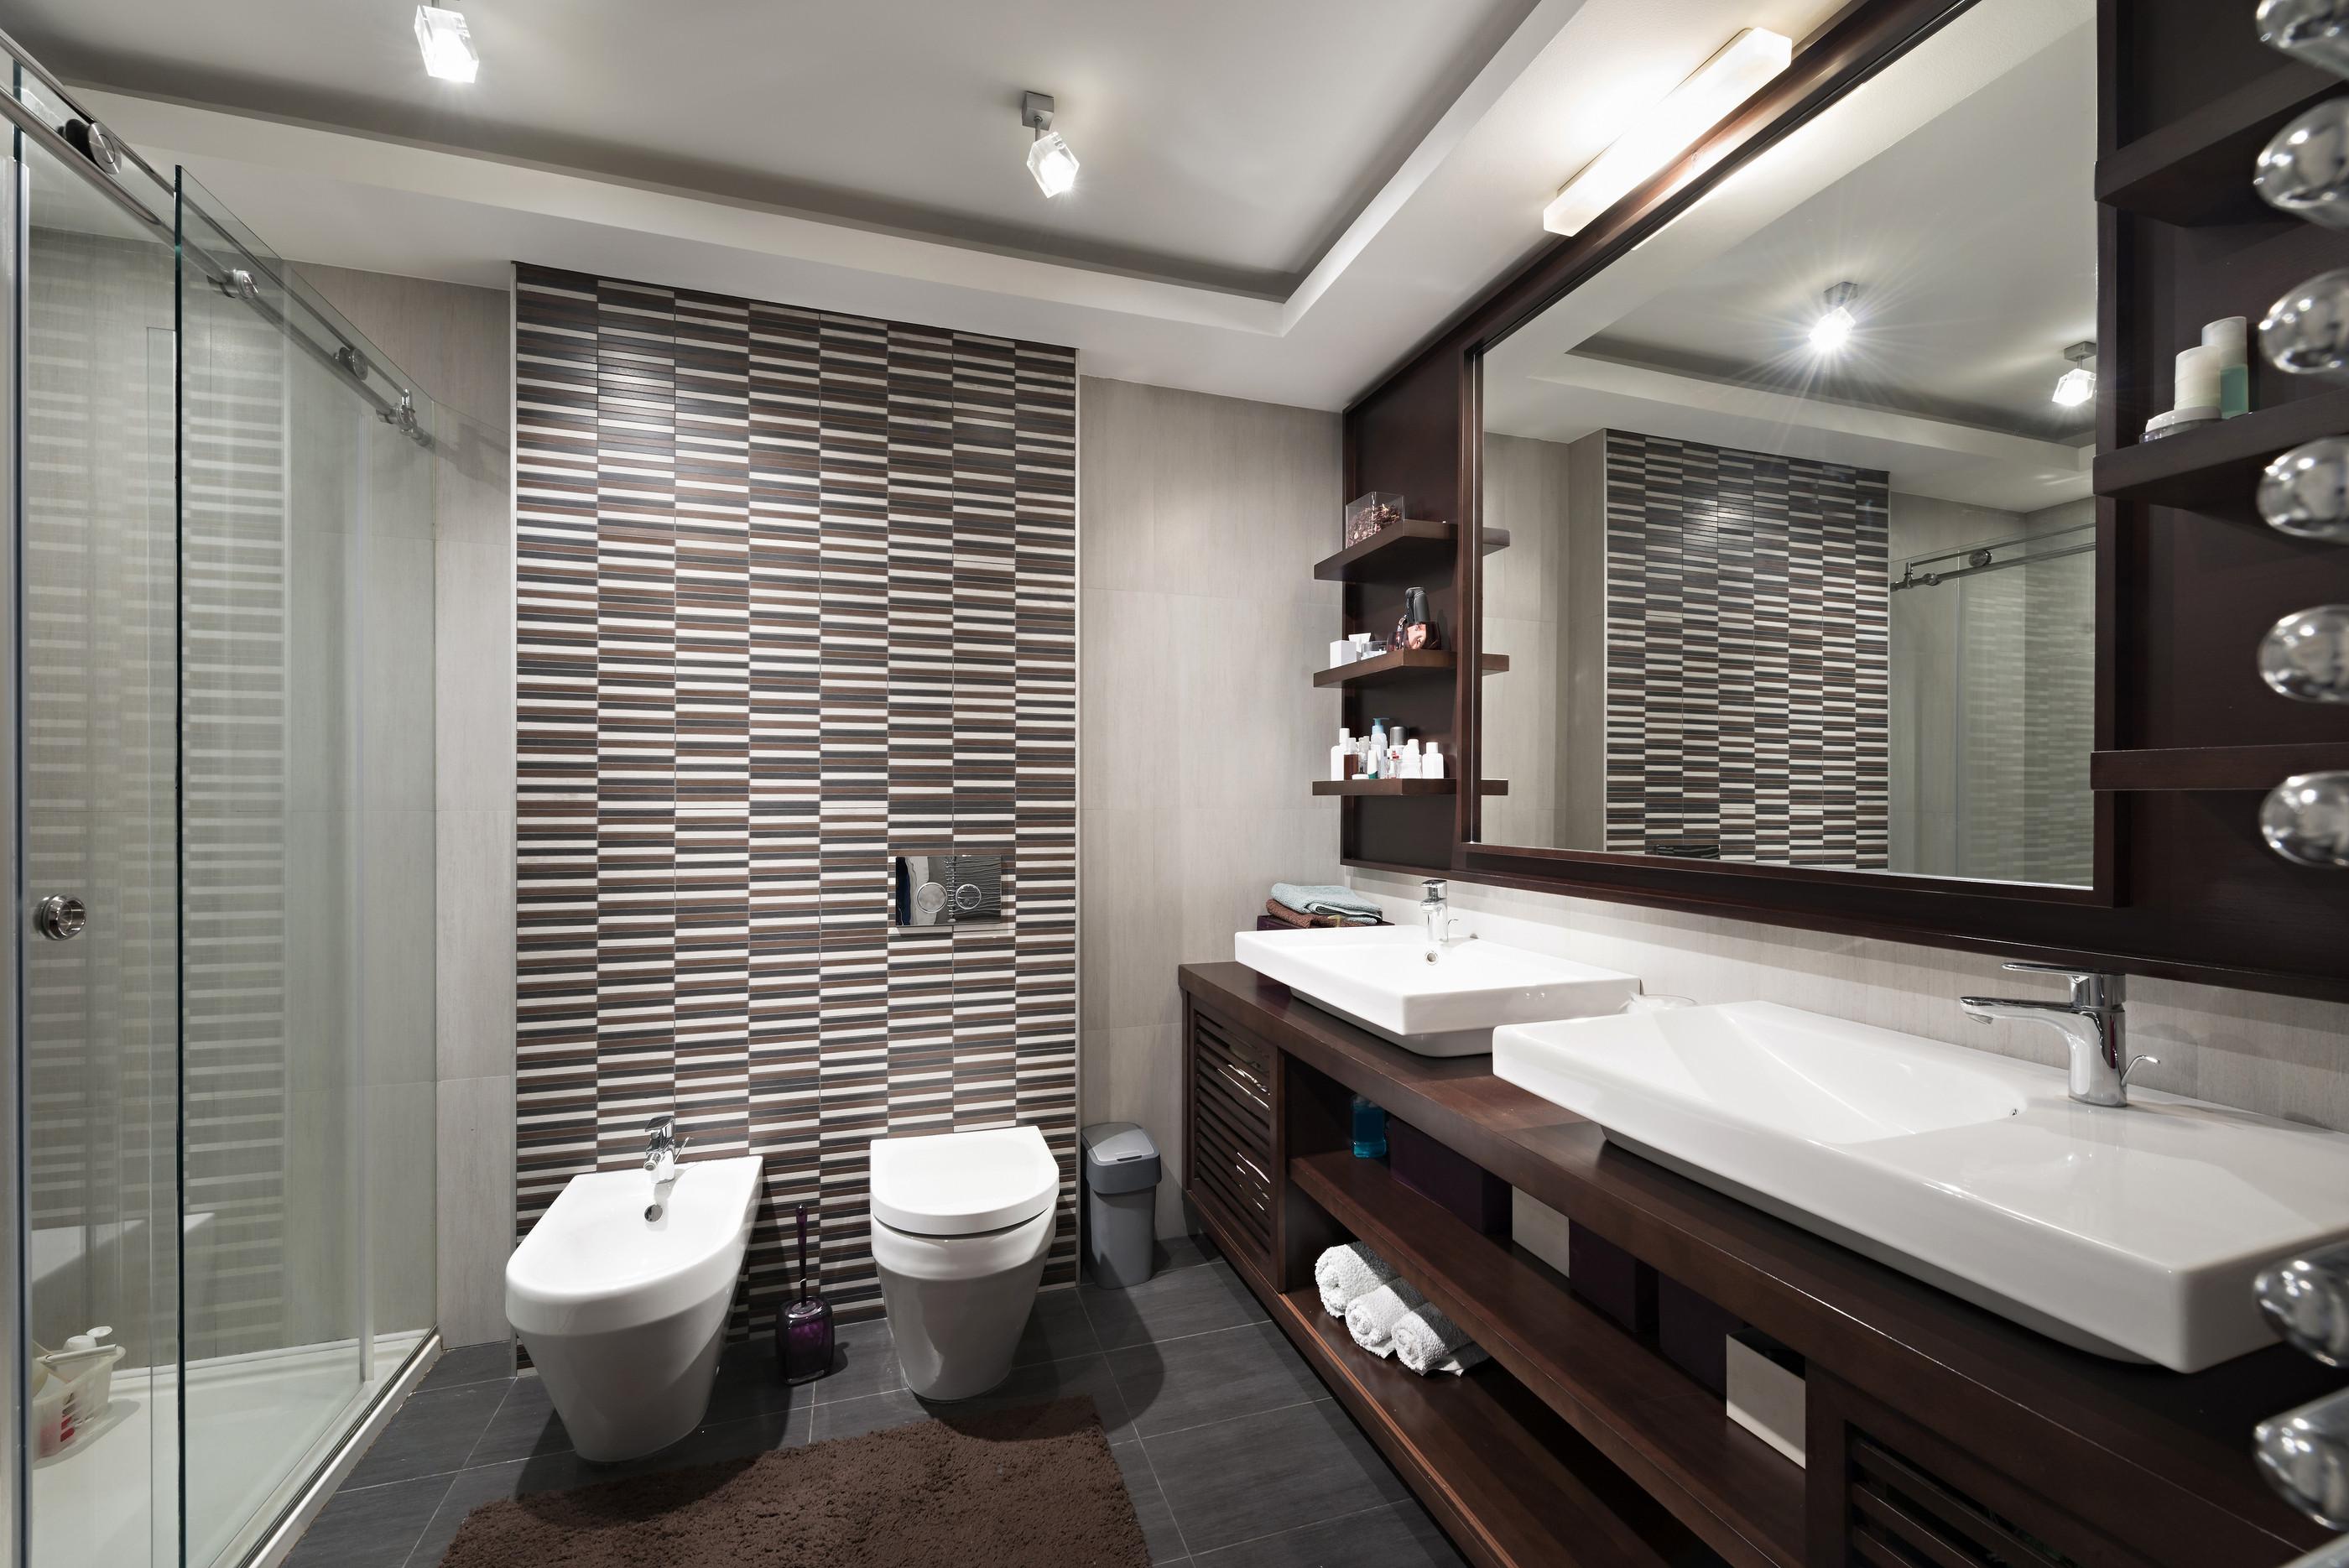 Comprehensive Bathroom Design & Plan-Set